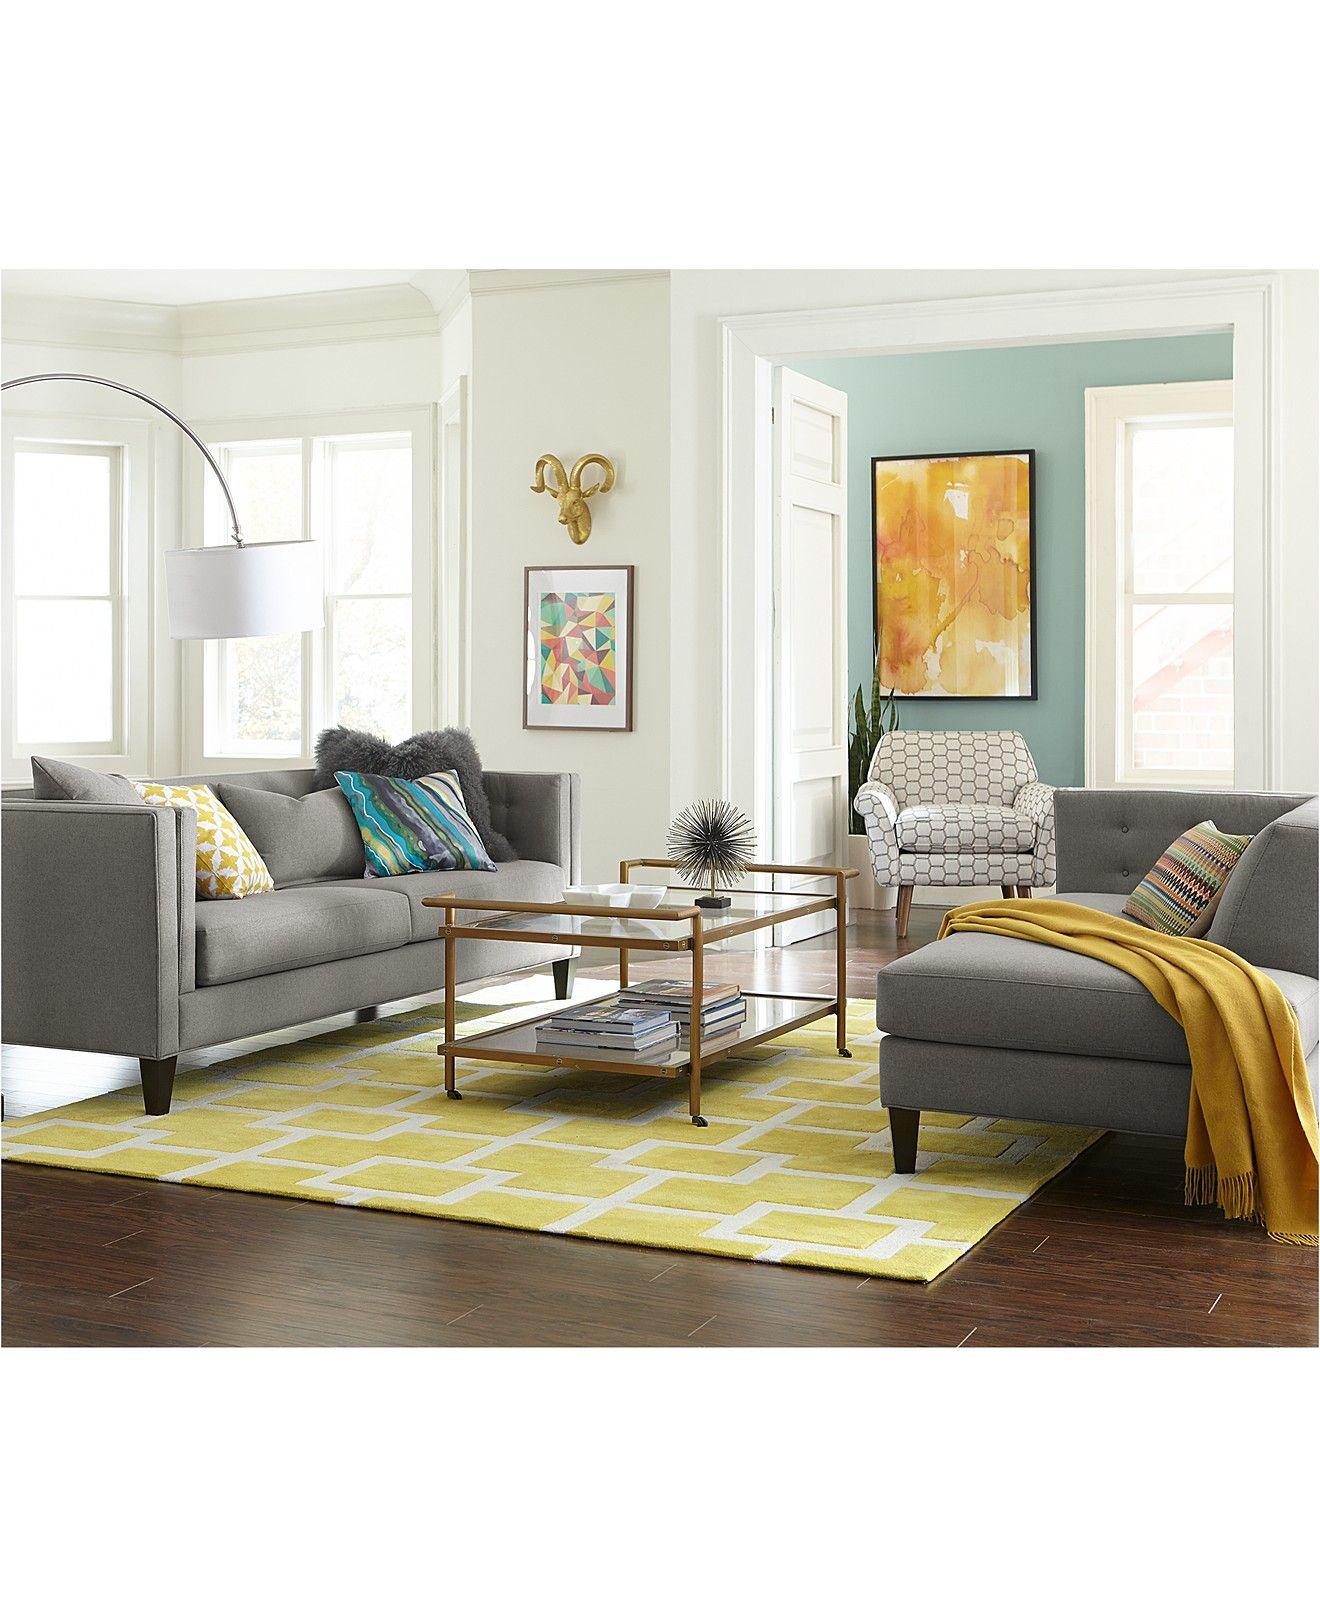 macys sofa pillows cushions for sale braylei track arm with 3 toss created